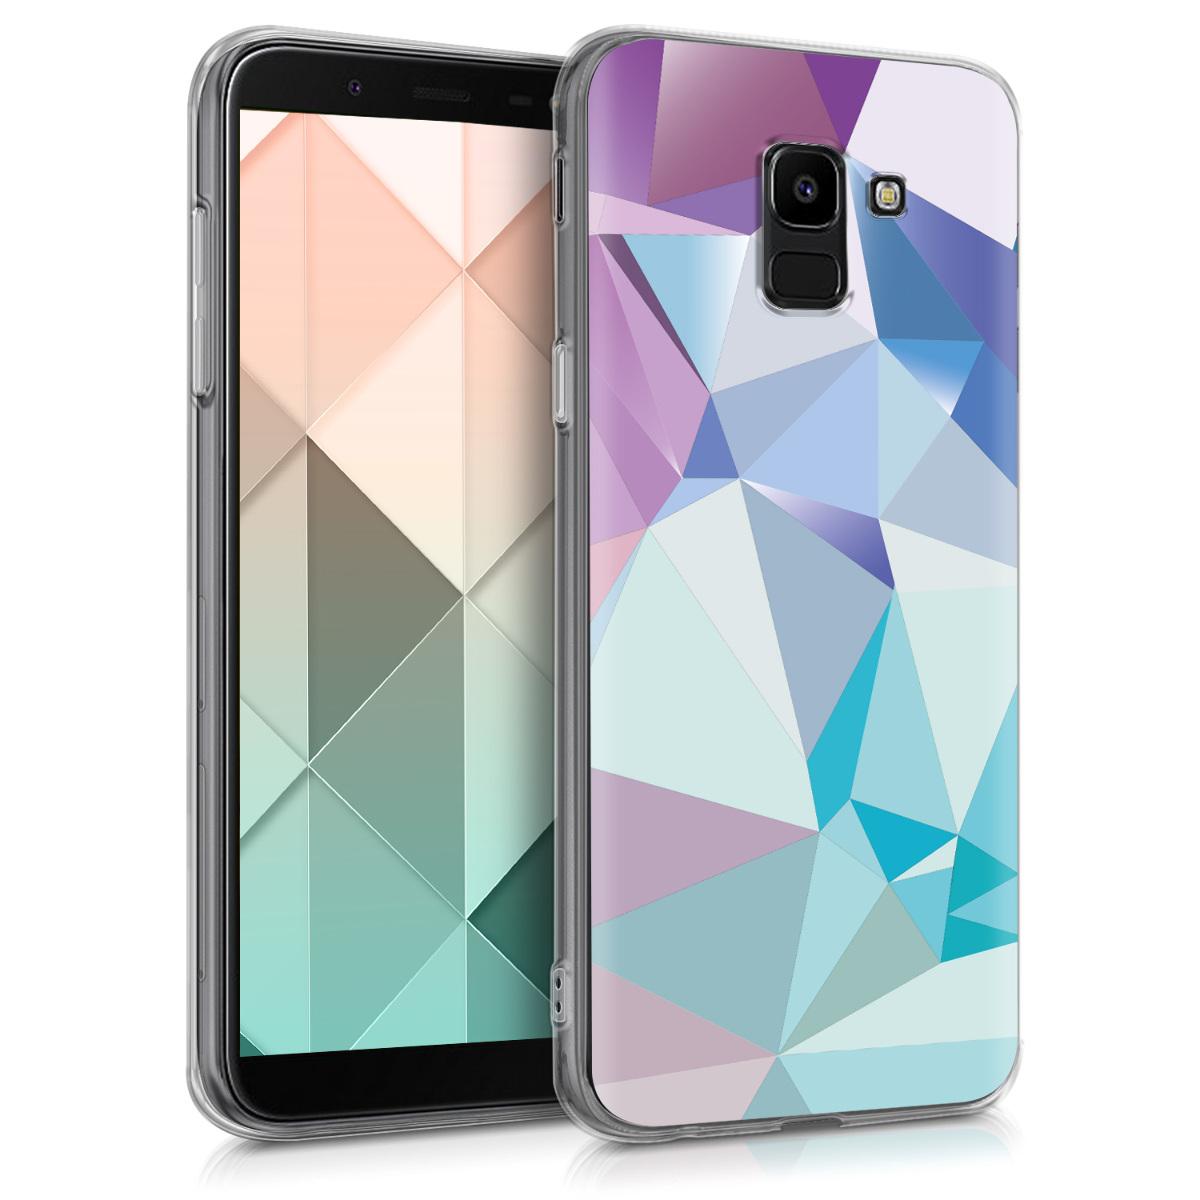 Kvalitní silikonové TPU pouzdro pro Samsung J6 - 3D trojúhelníky světle  modré / světle  růžová / modré